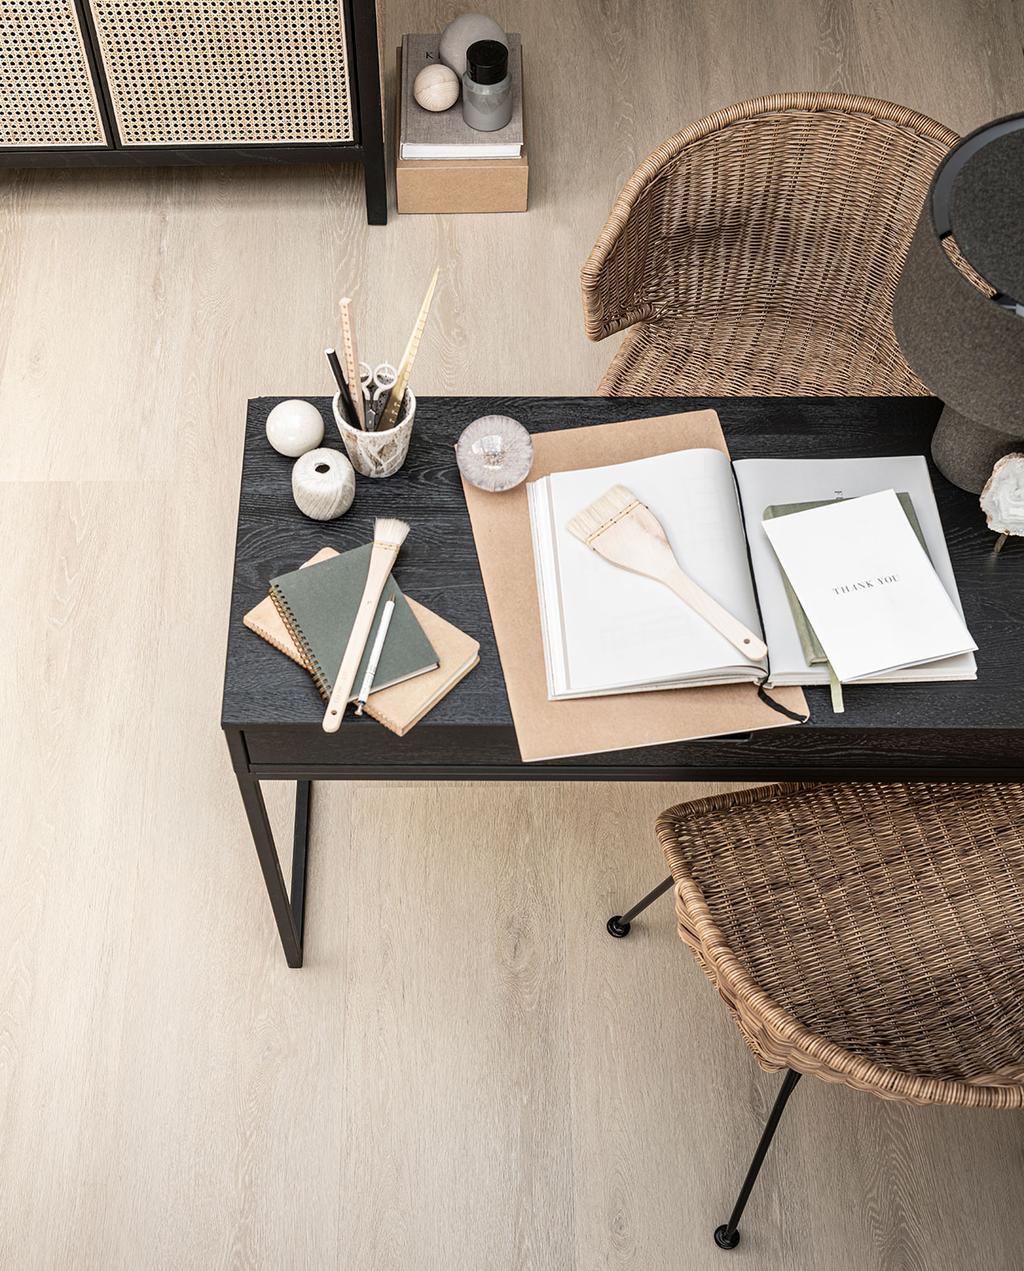 vtwonen 06-2021 | pvc vloer die lijkt op hout met een zwarte tafel